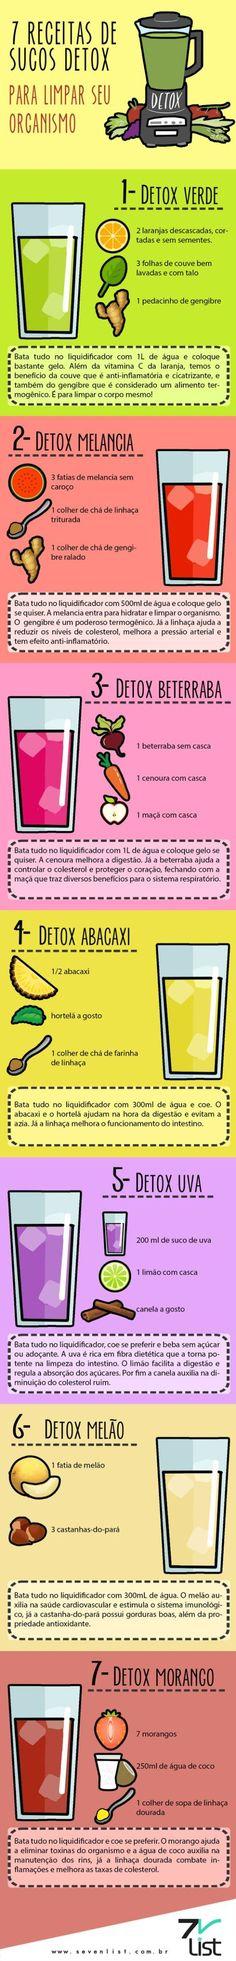 Está se sentindo cansada(o), sem disposição para as tarefas do dia a dia? Tome um suco detox revigorante que ajuda a eliminar as toxinas do organismo.